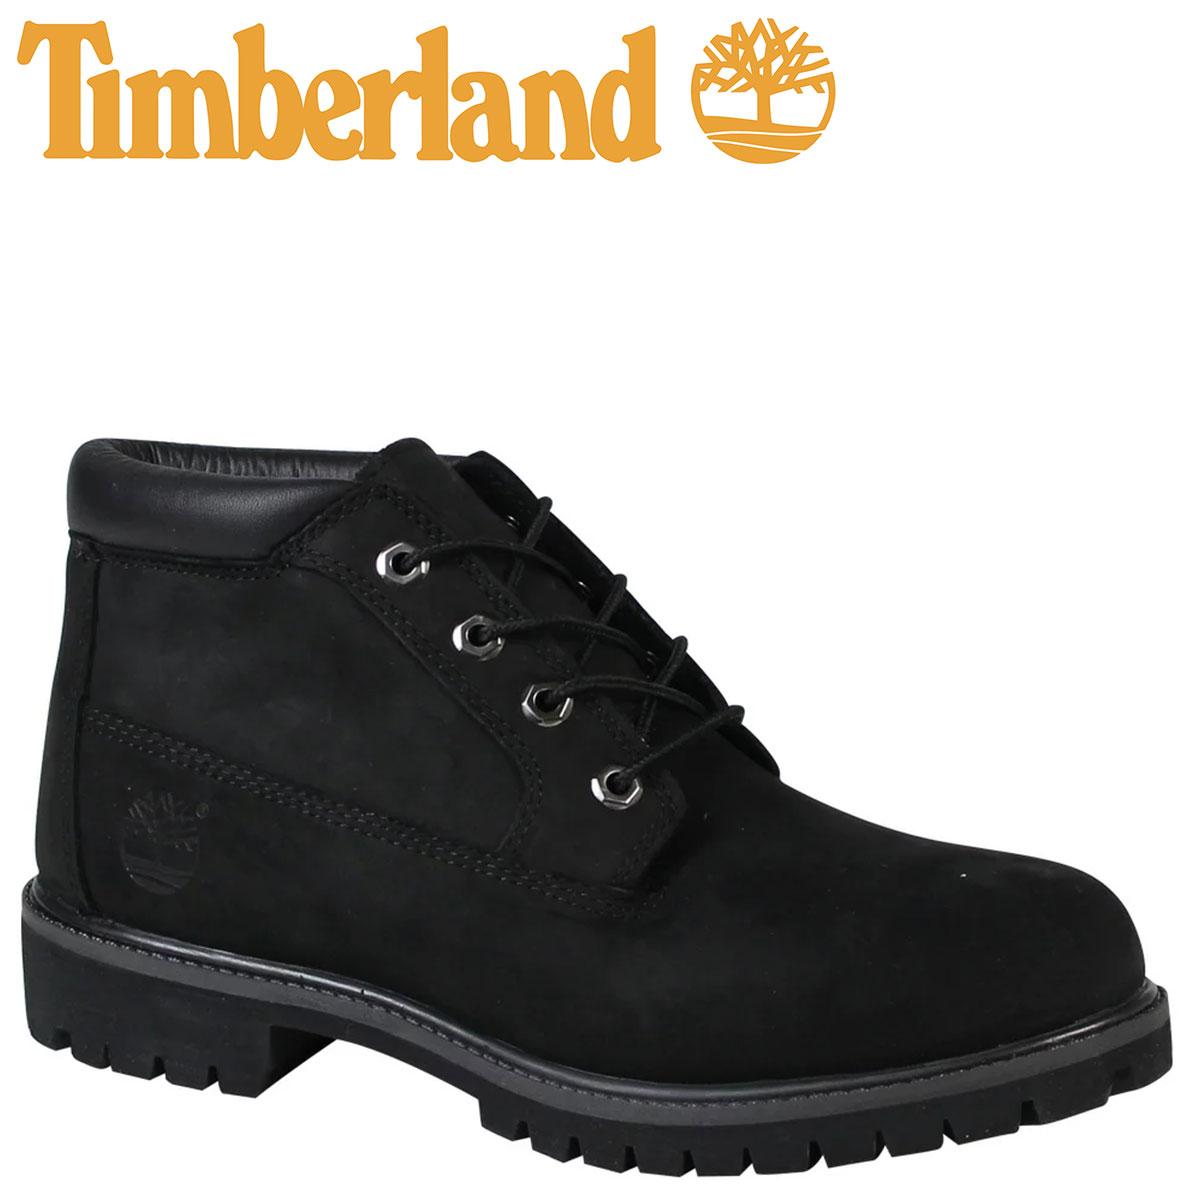 Timberland ブーツ チャッカ メンズ ティンバーランド ICON WATERPROOF CHUKKA 32085 Mワイズ 防水 ブラック